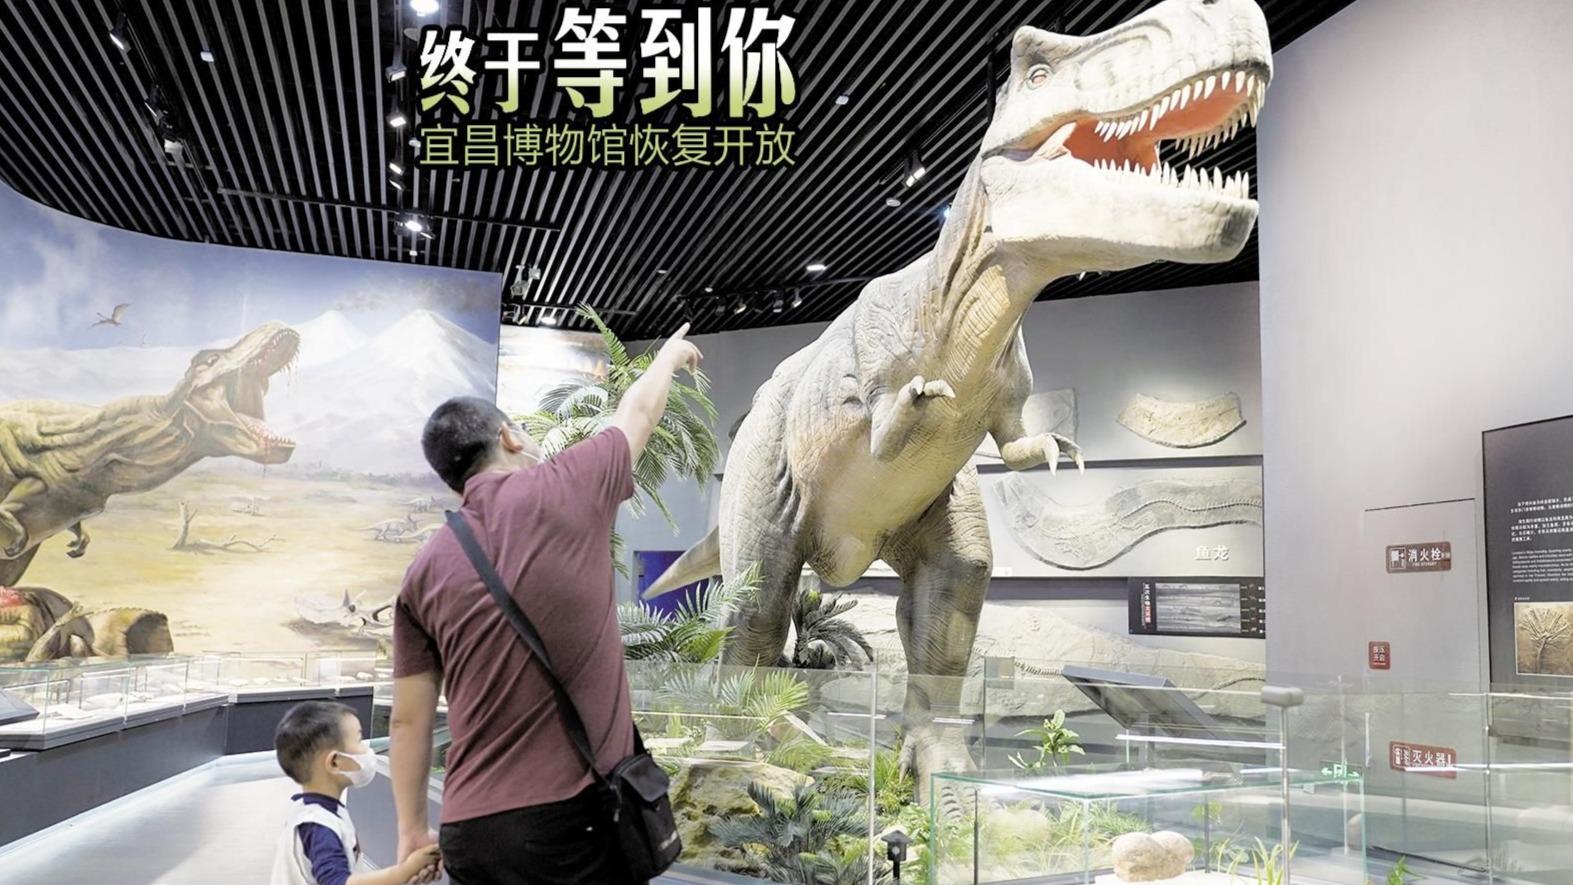 宜昌博物馆恢复开放,团队预约暂不受理